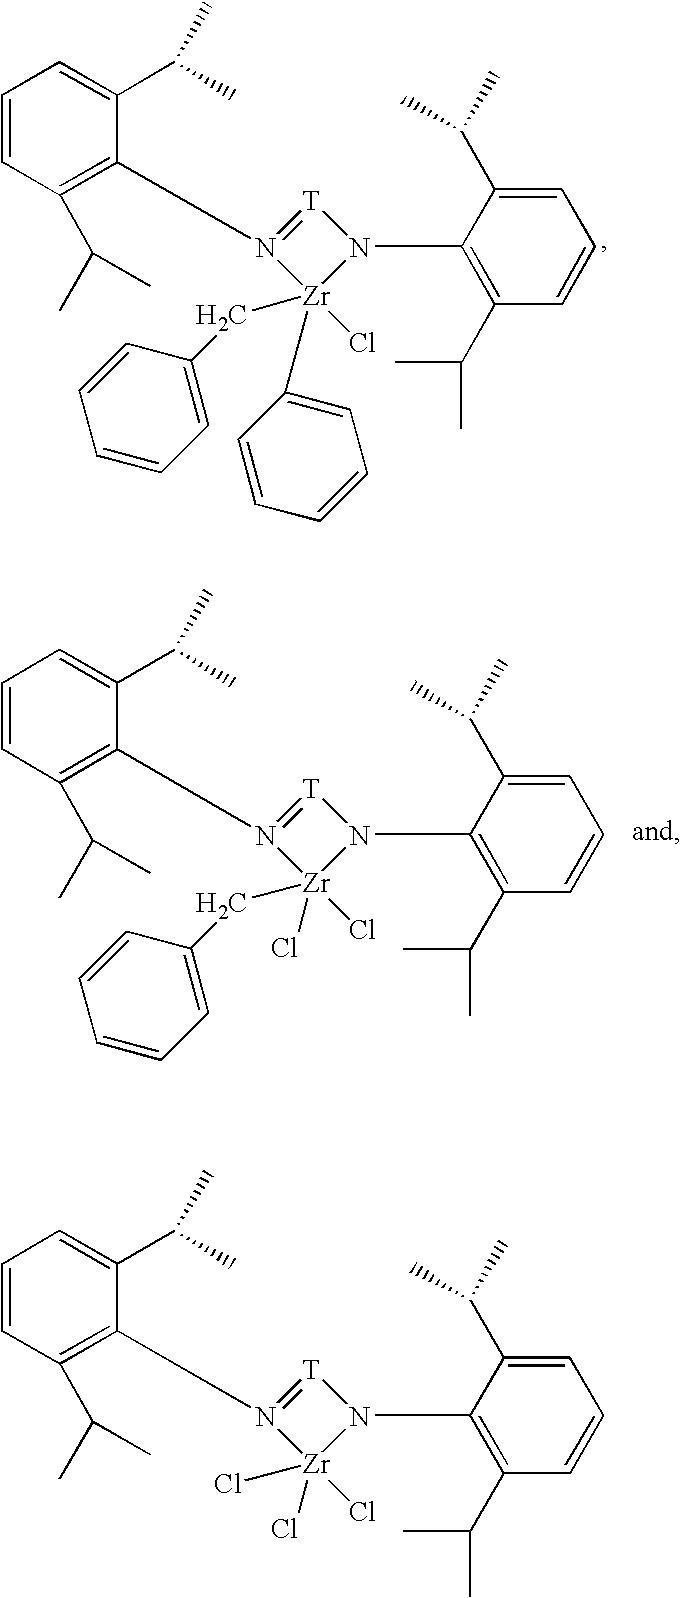 Figure US07199255-20070403-C00012